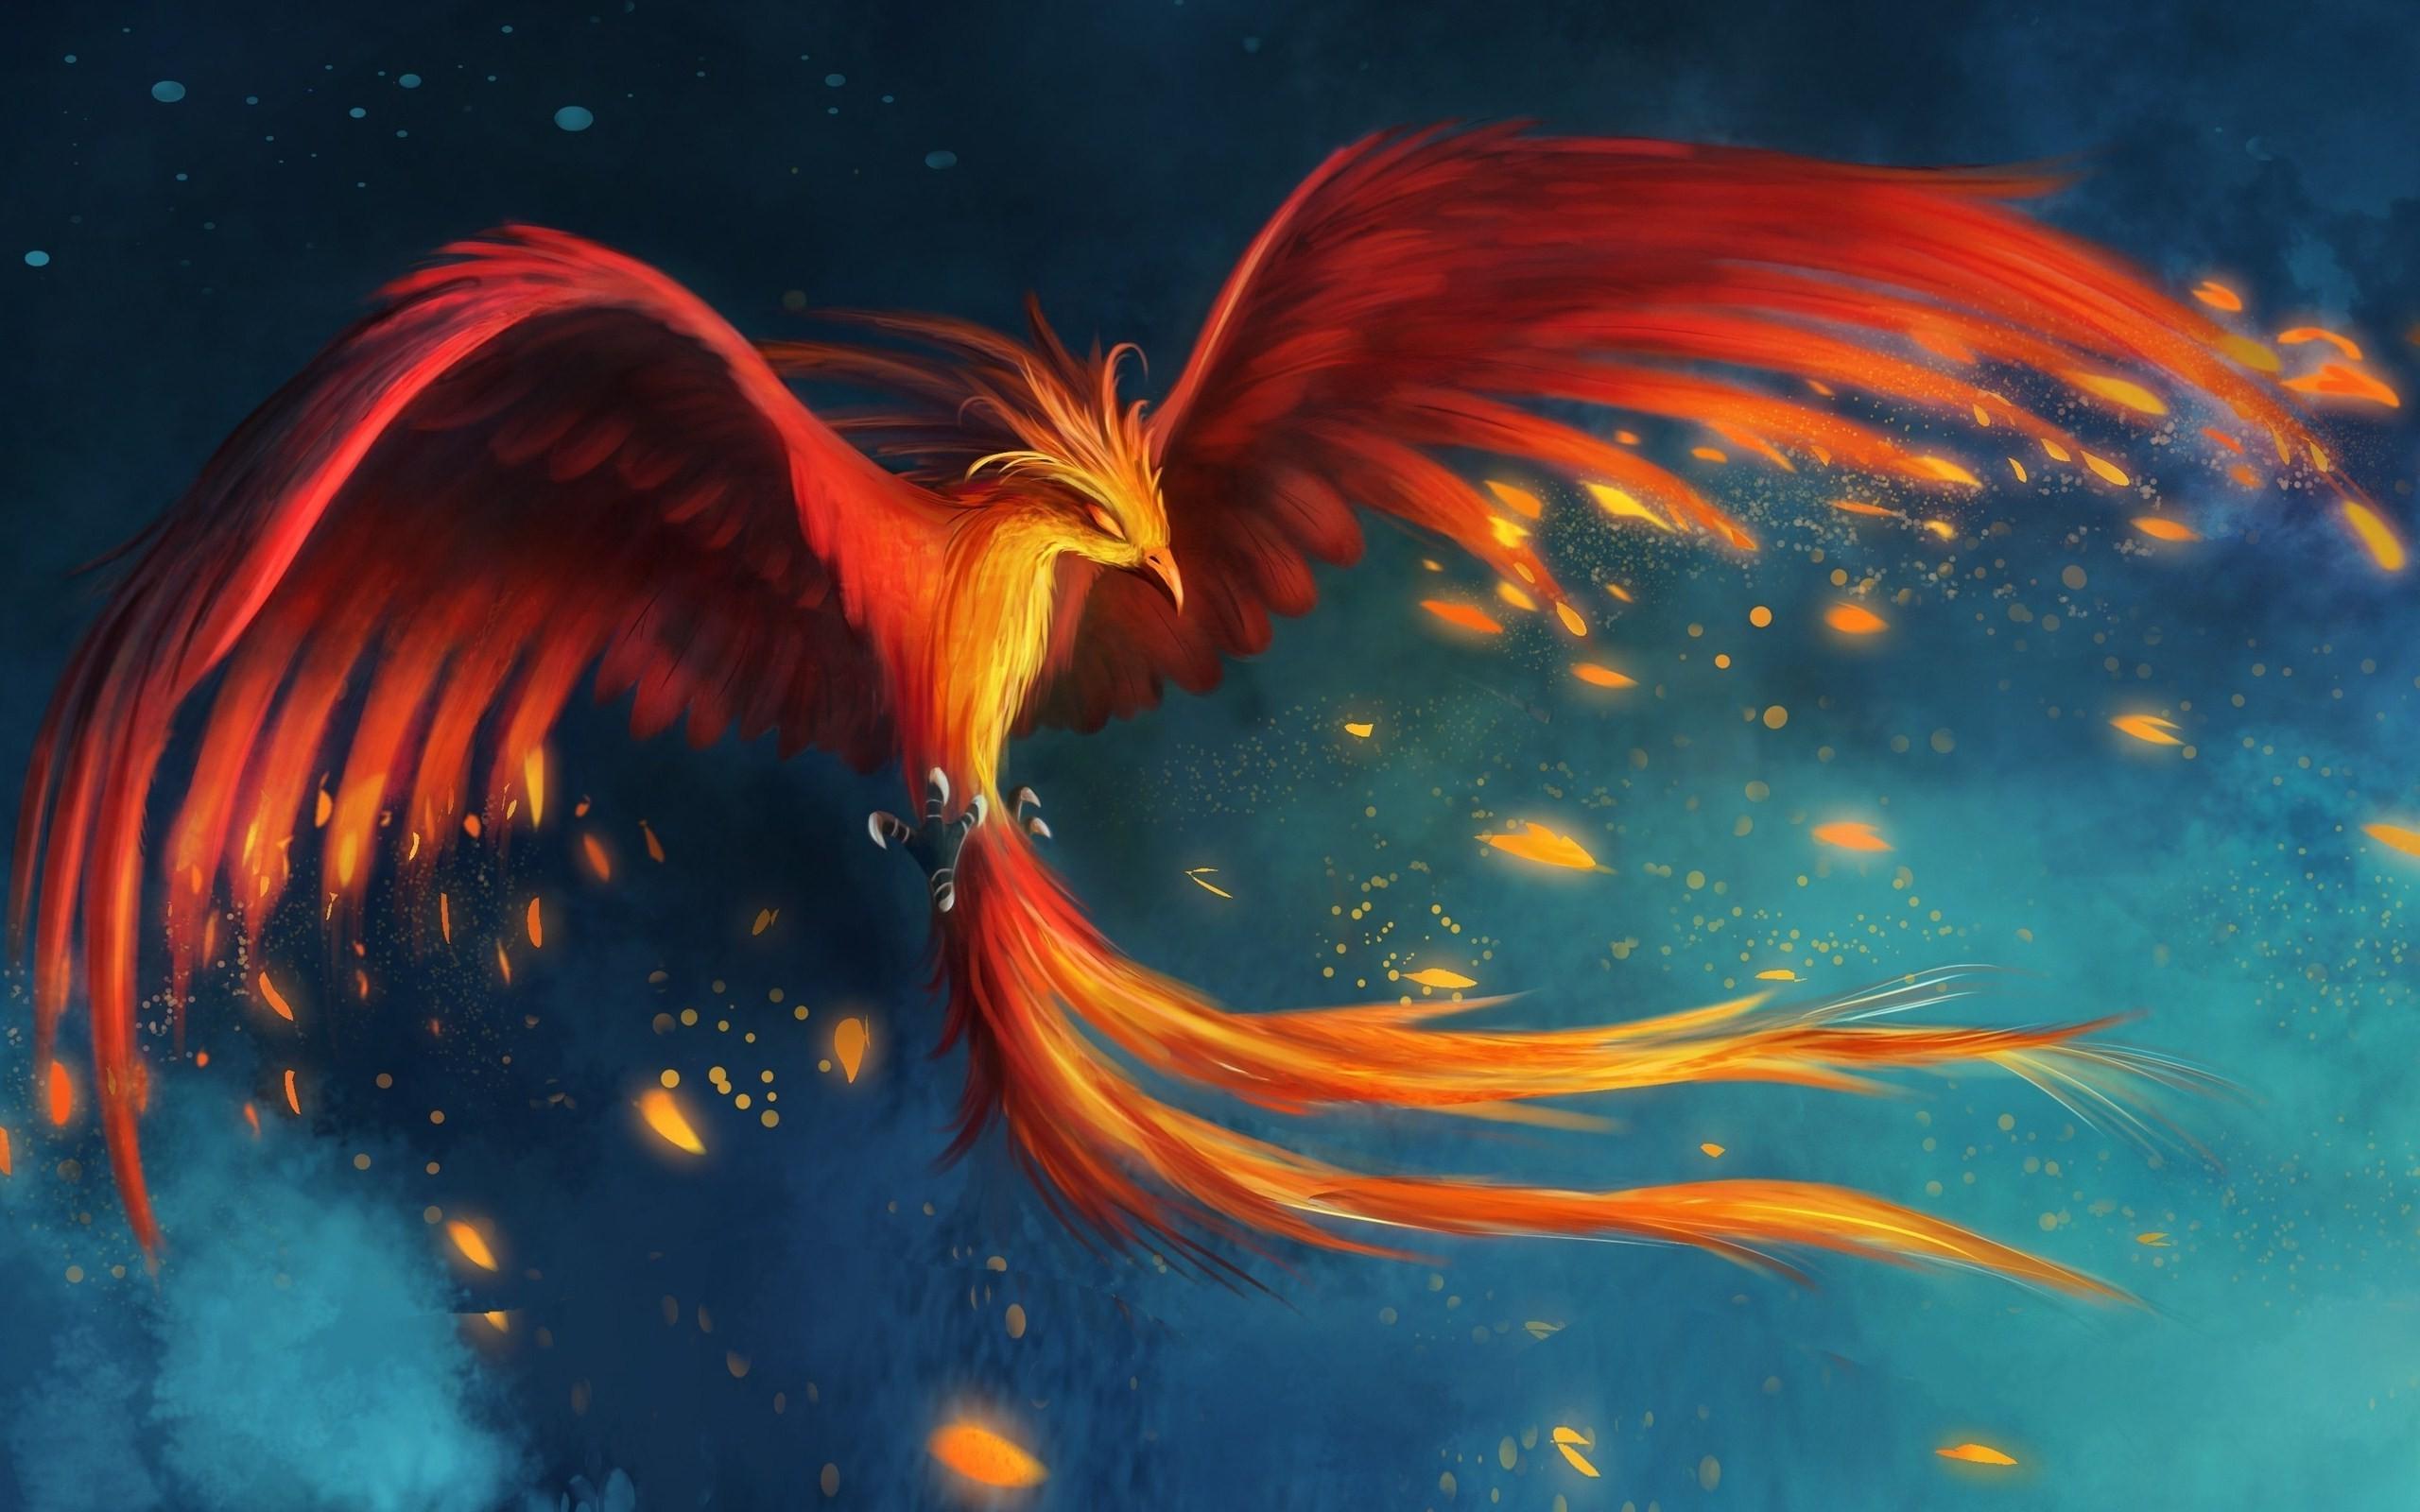 Wallpaper 2560x1600 Px Birds Burning Digital Art